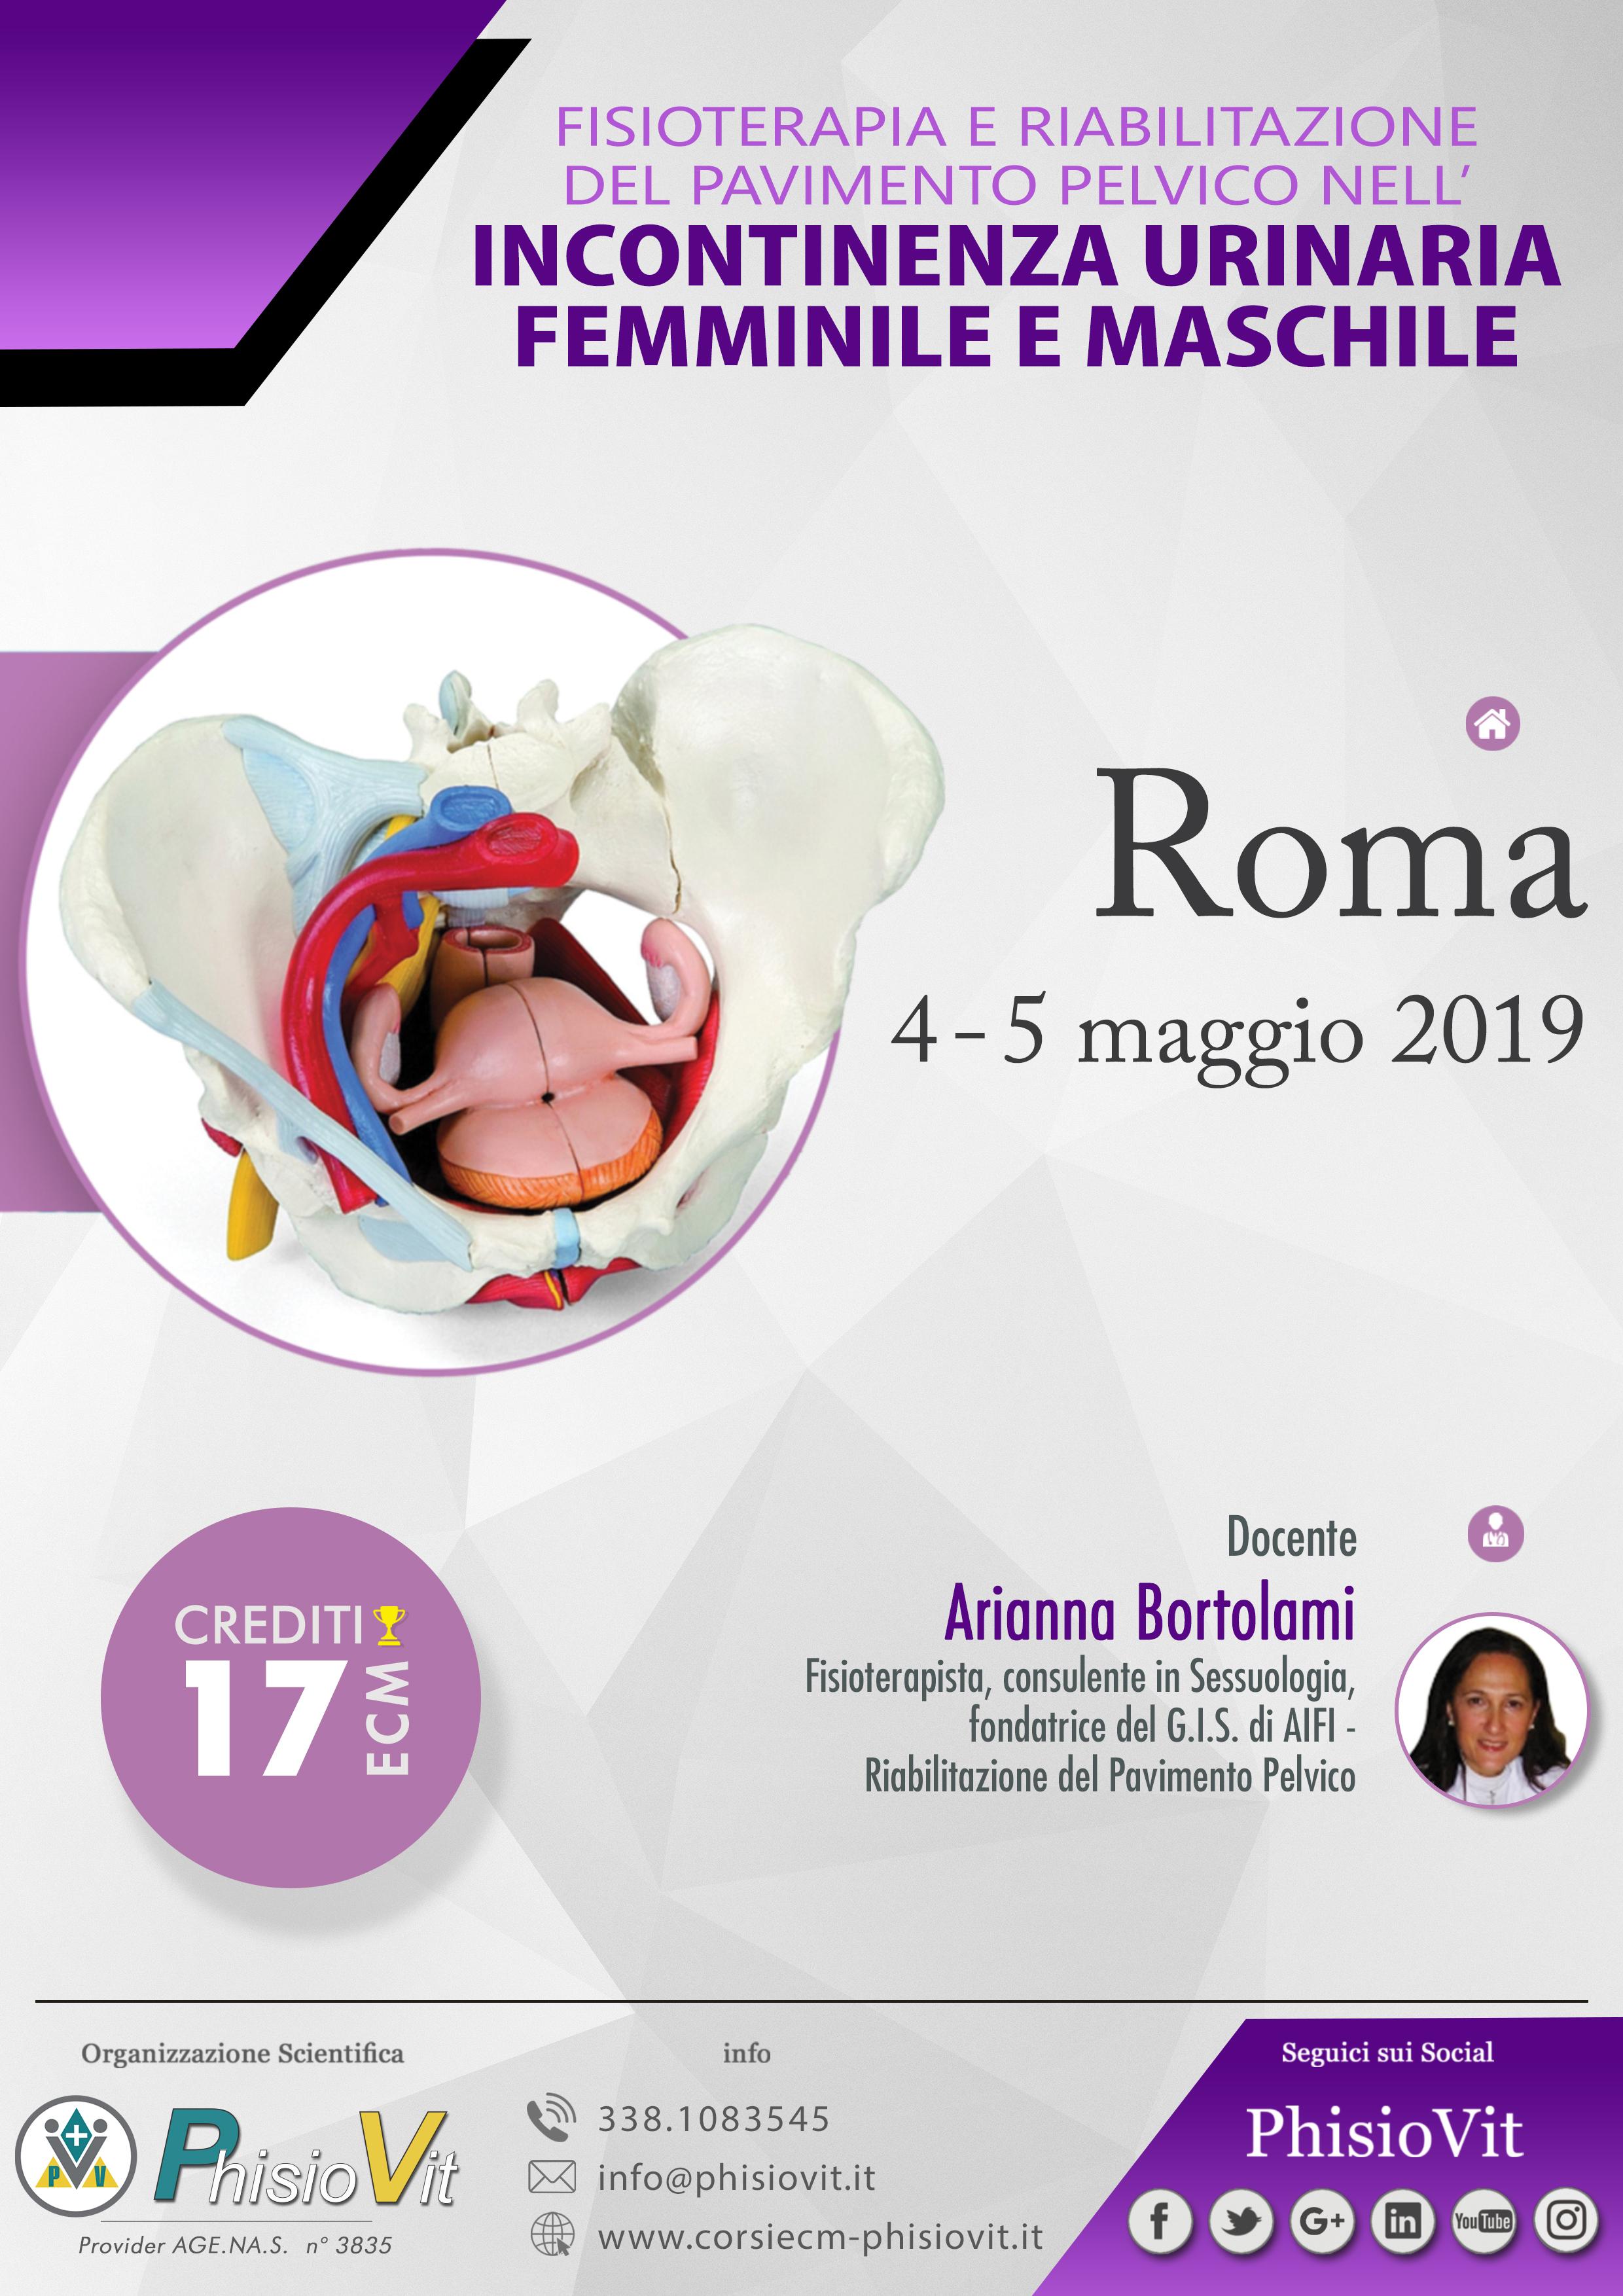 Roma Fisioterapia E Riabilitazione Del Pavimento Pelvico Nell